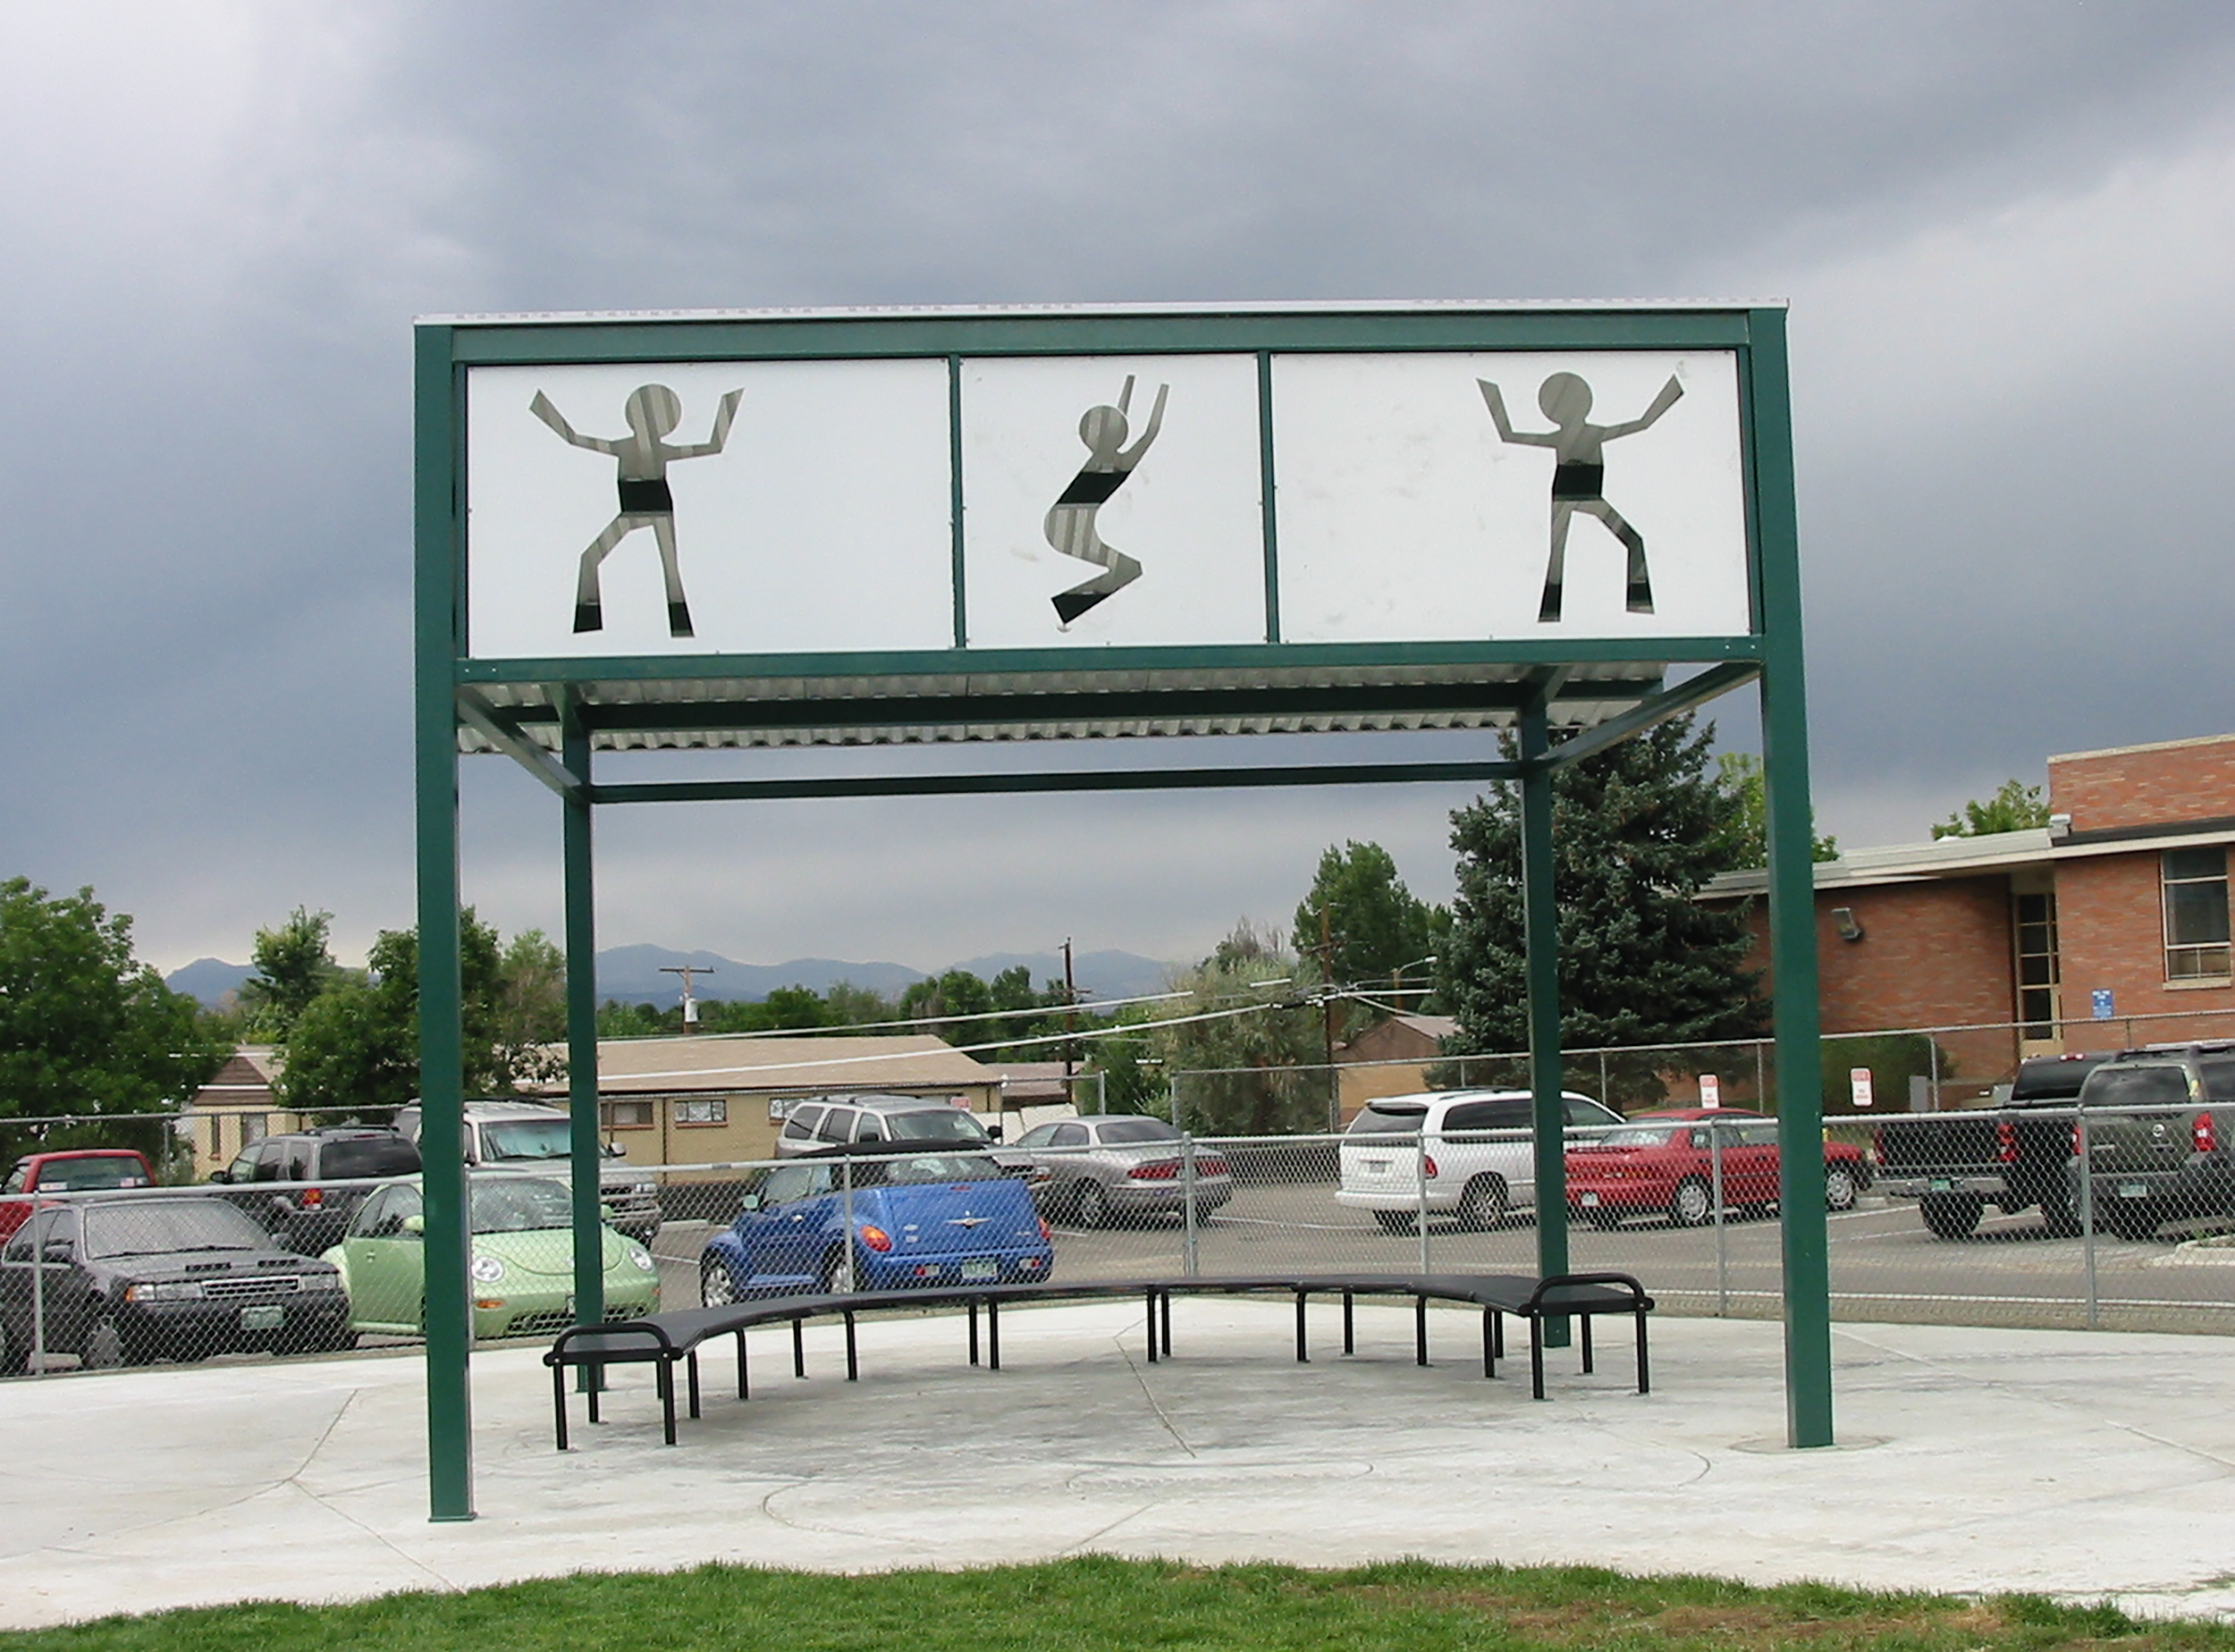 Knapp Elementary